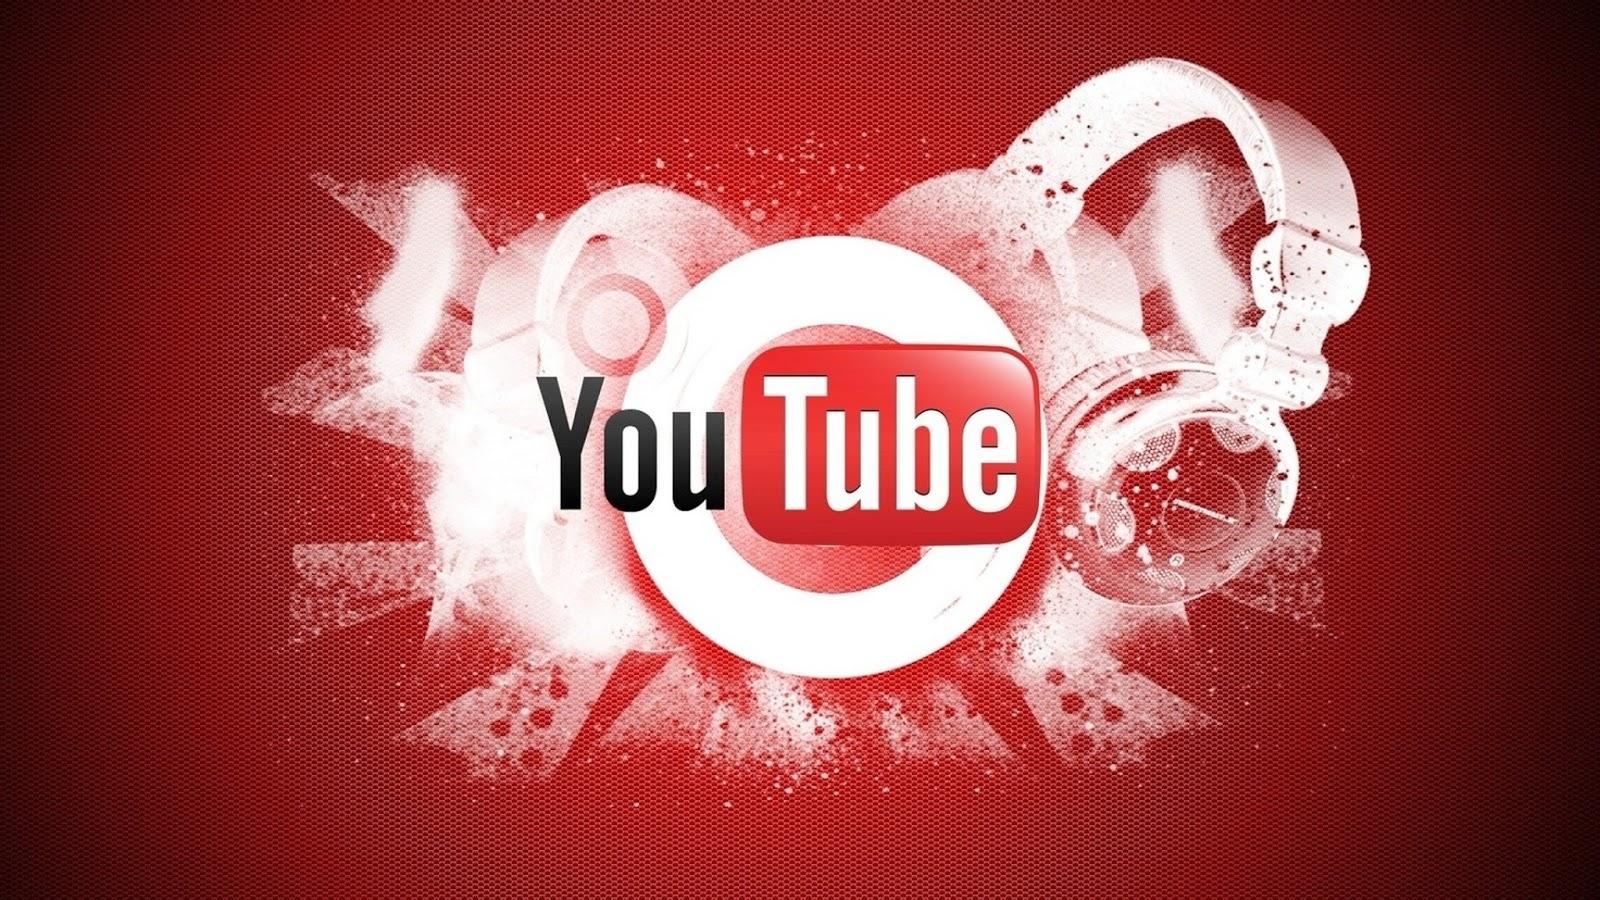 Cara Menentukan Tema Untuk Channel Youtube - Tutorial Youtube Part 2